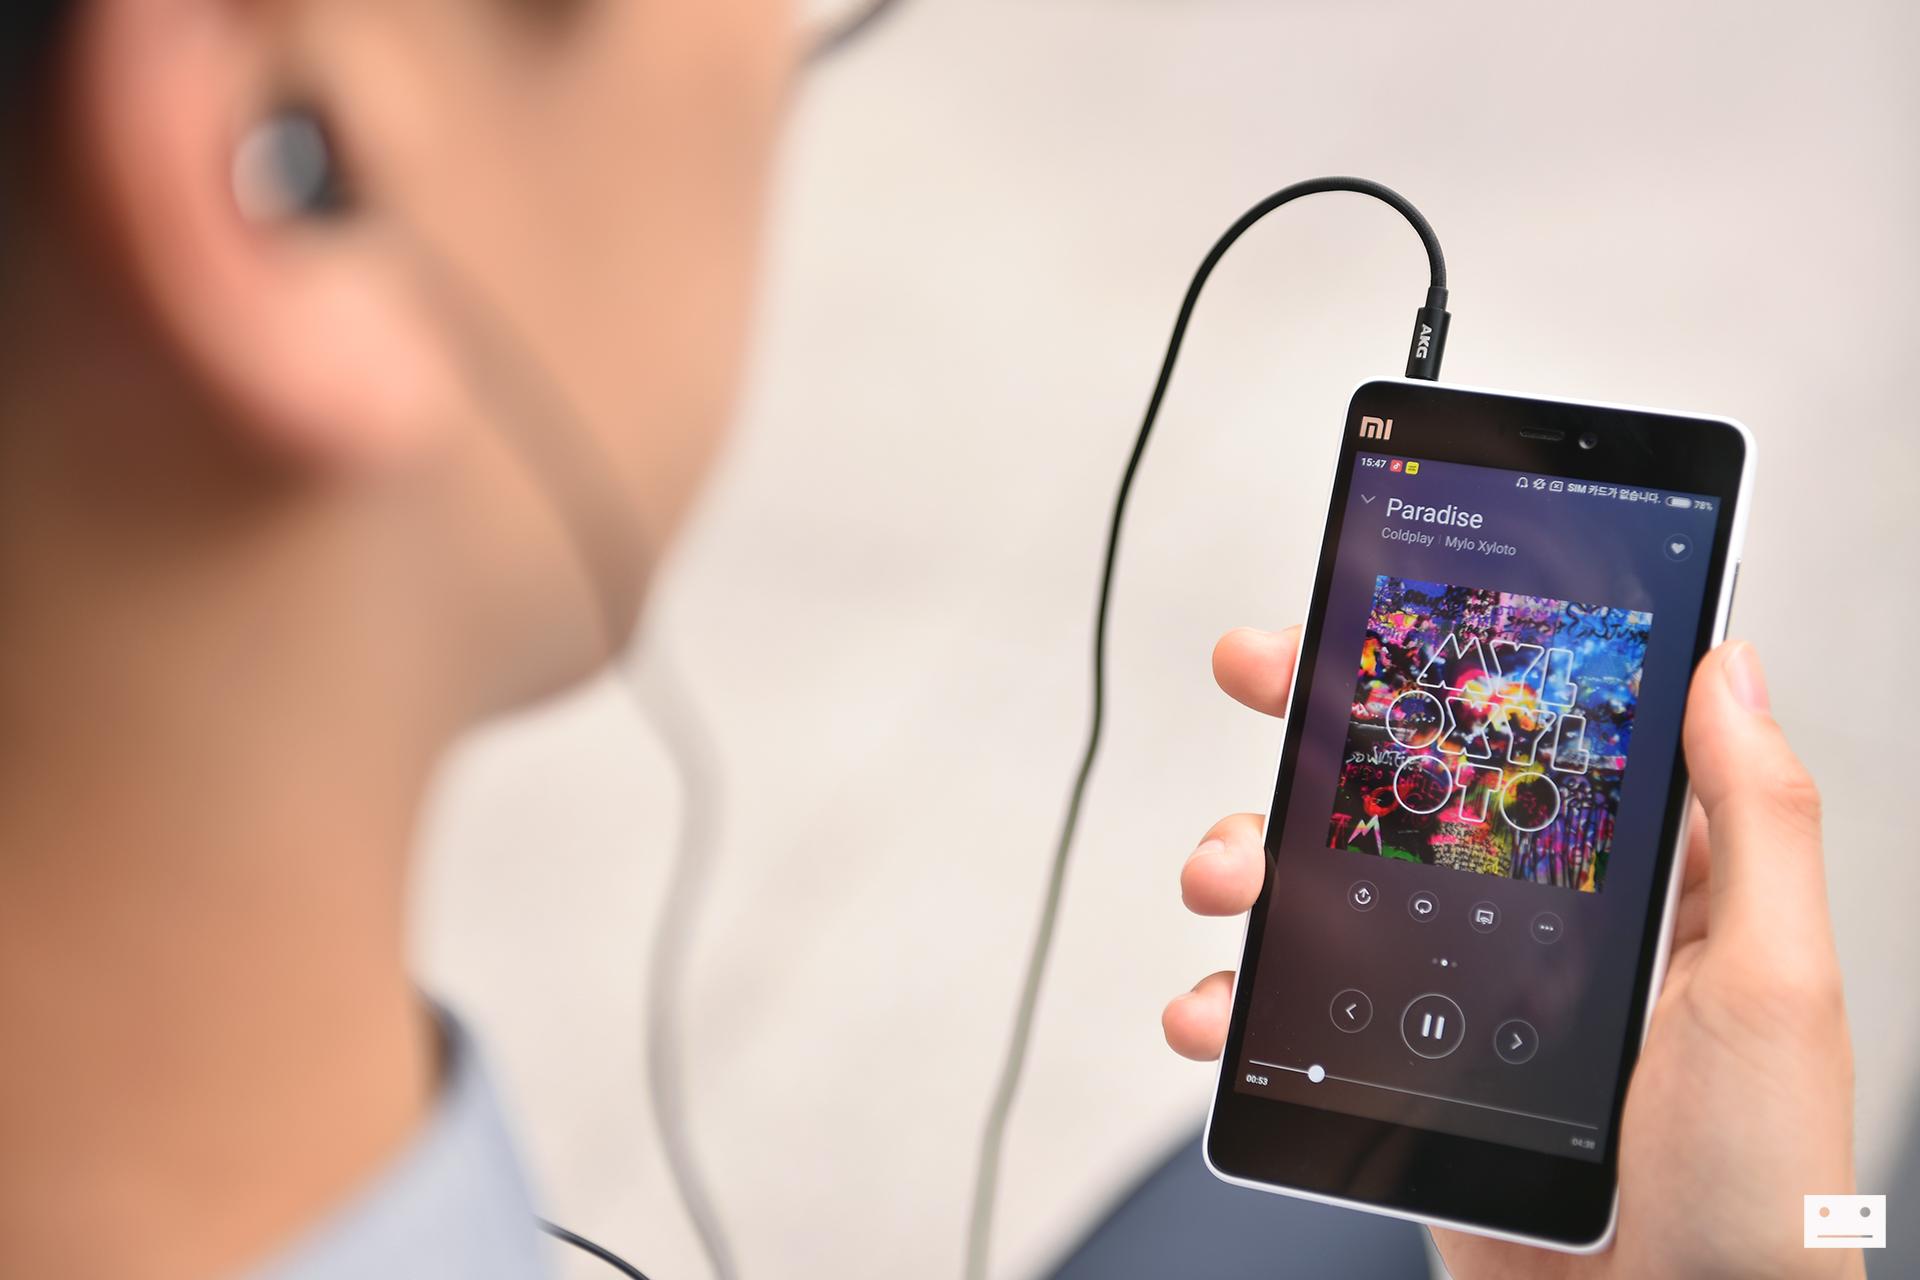 akg n20 earphone review (11)